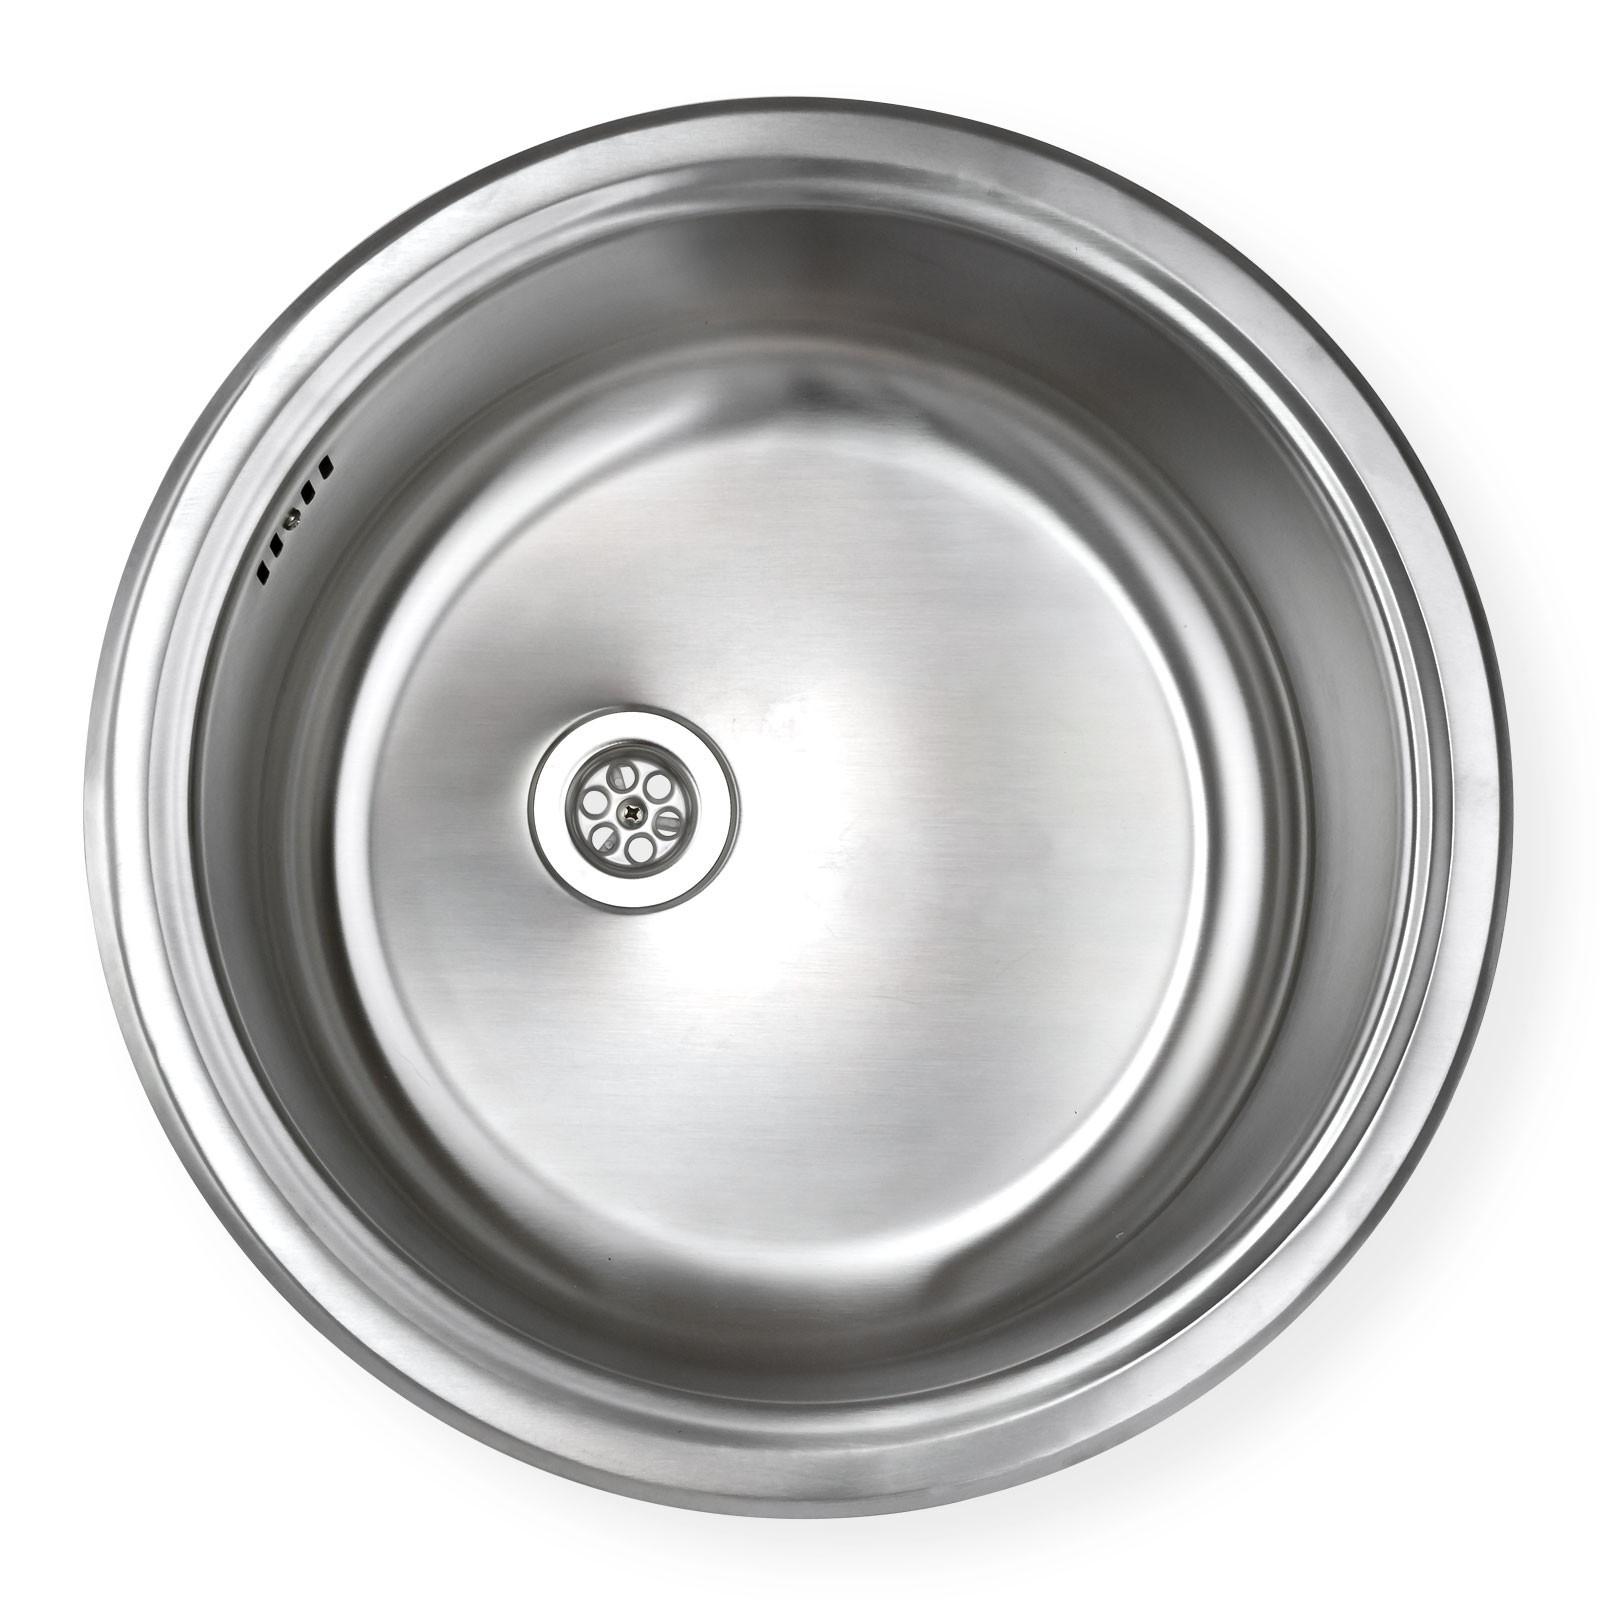 edelstahl einbausp le ronda1 waschbecken sp le k chensp le rund On einbauspüle edelstahl